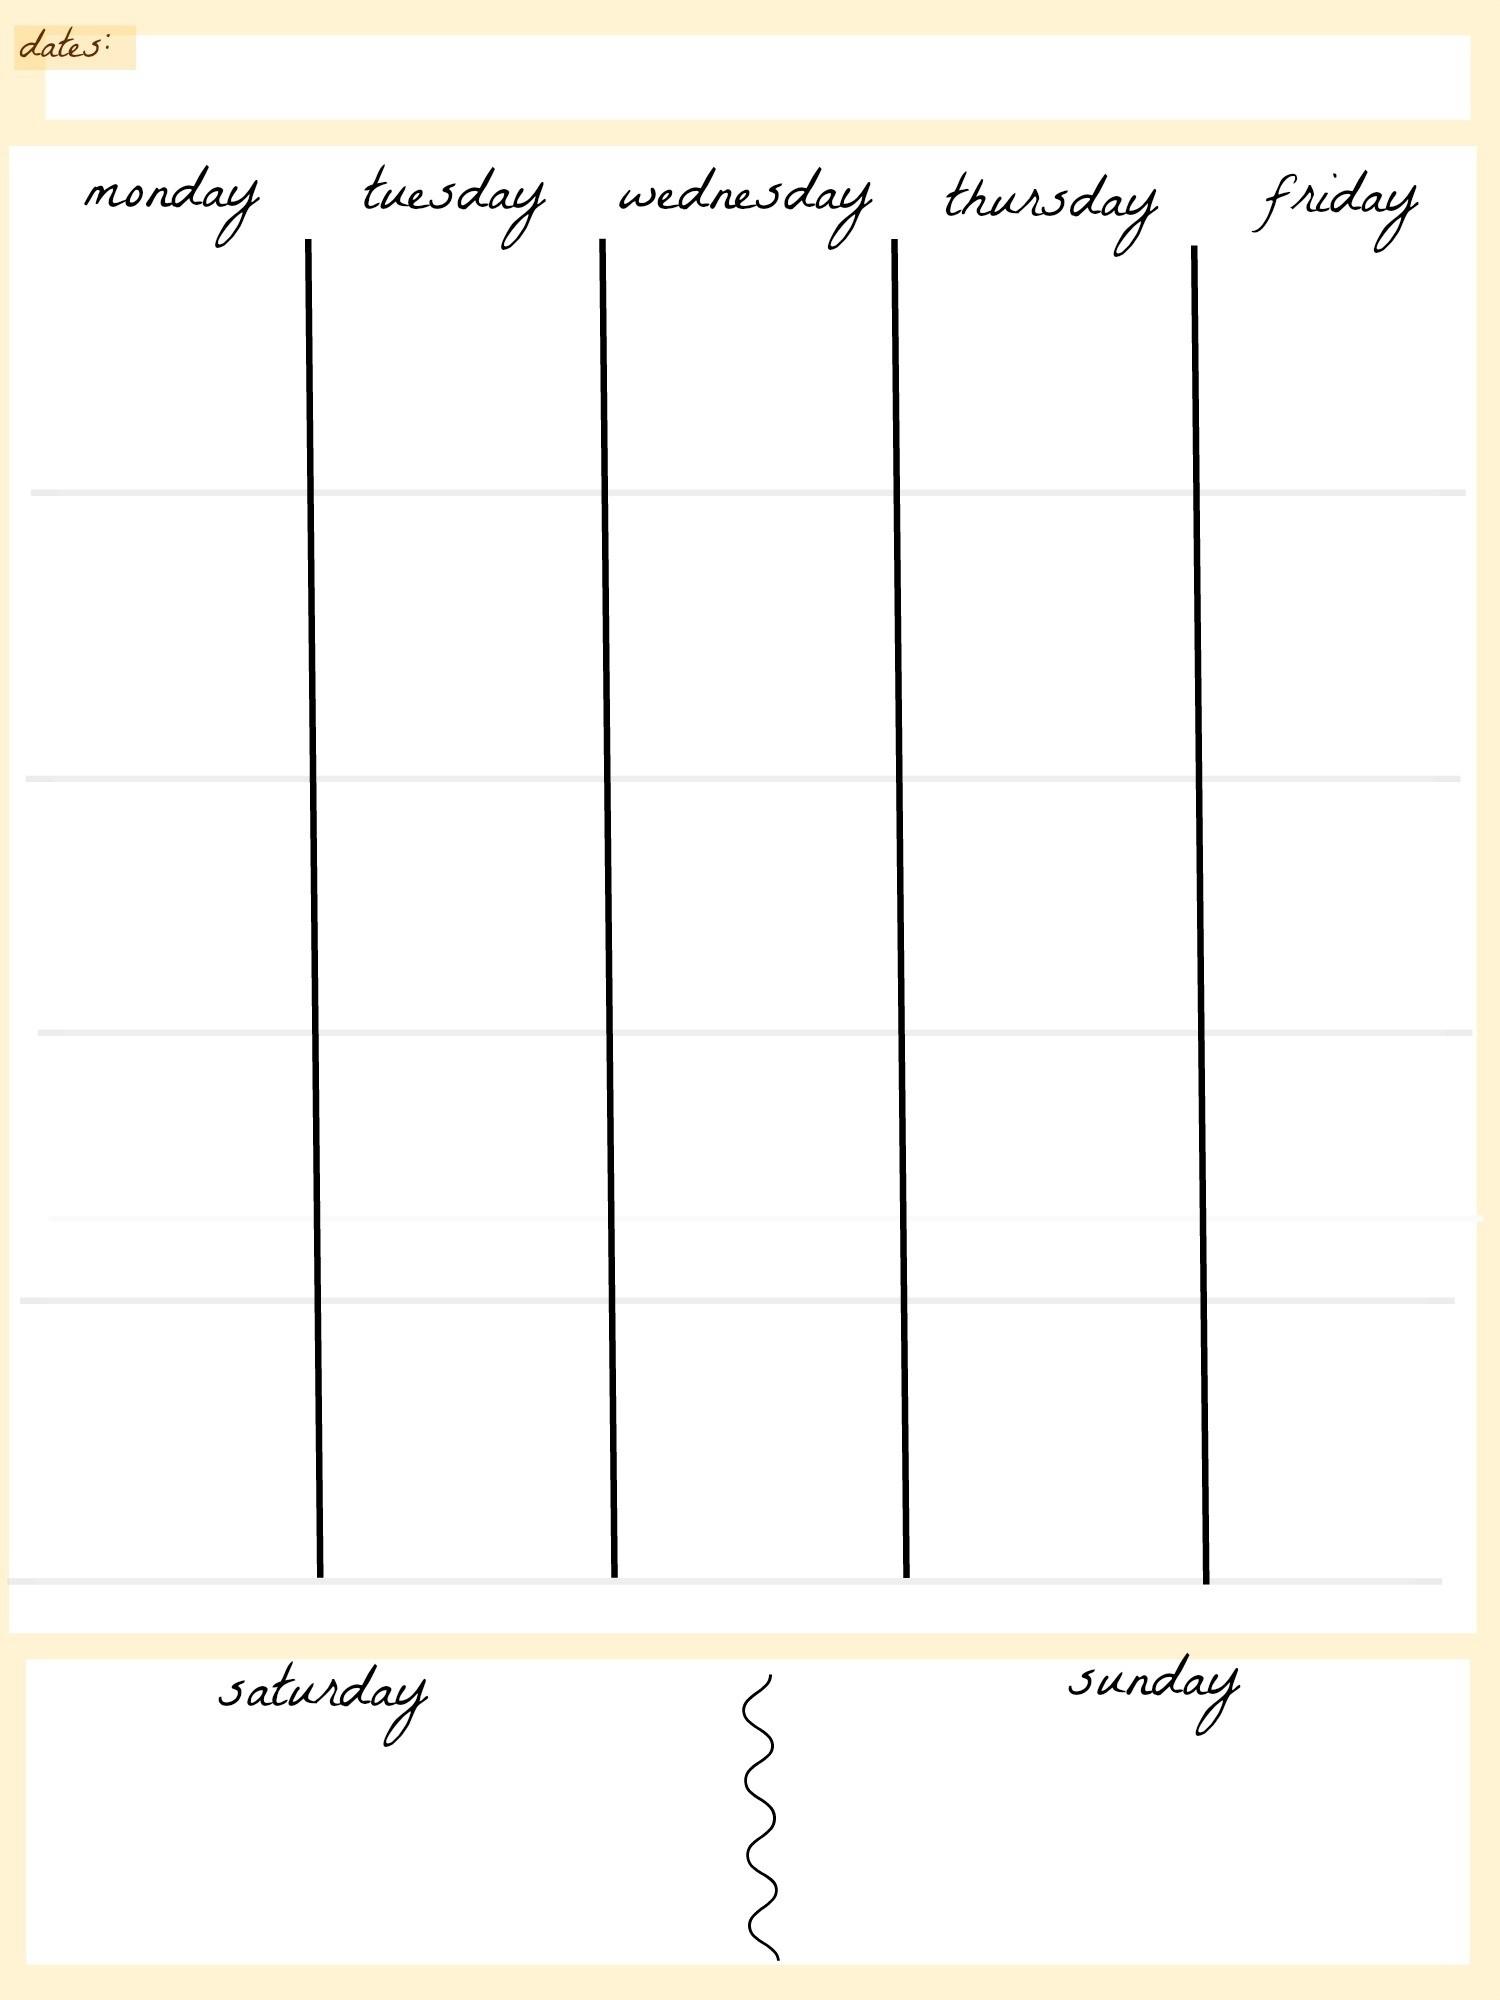 Blank Calendar Template 5 Day Week Weekly Calendar 5 Day Travel Cal1 in 5 Day Blank Calendar Template